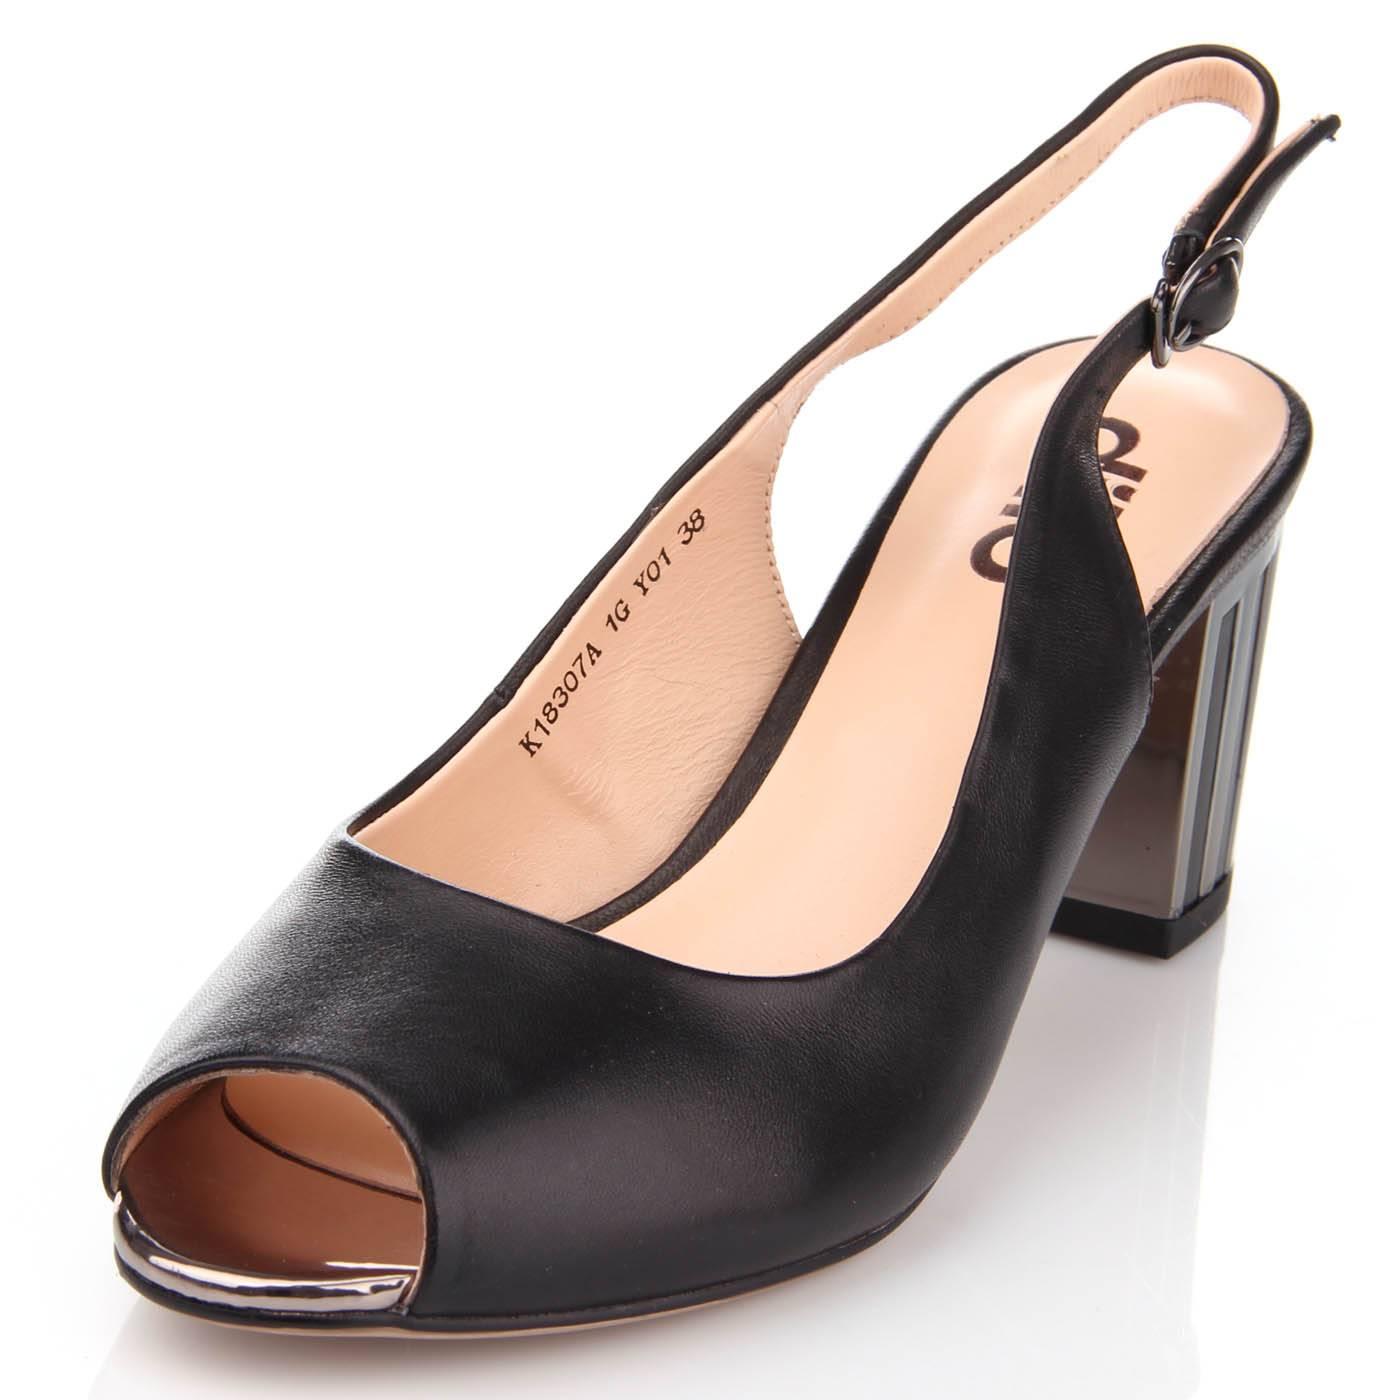 Босоніжки жіночі ditto 6701 Чорний купить по выгодной цене в ... 422af0697c9bb